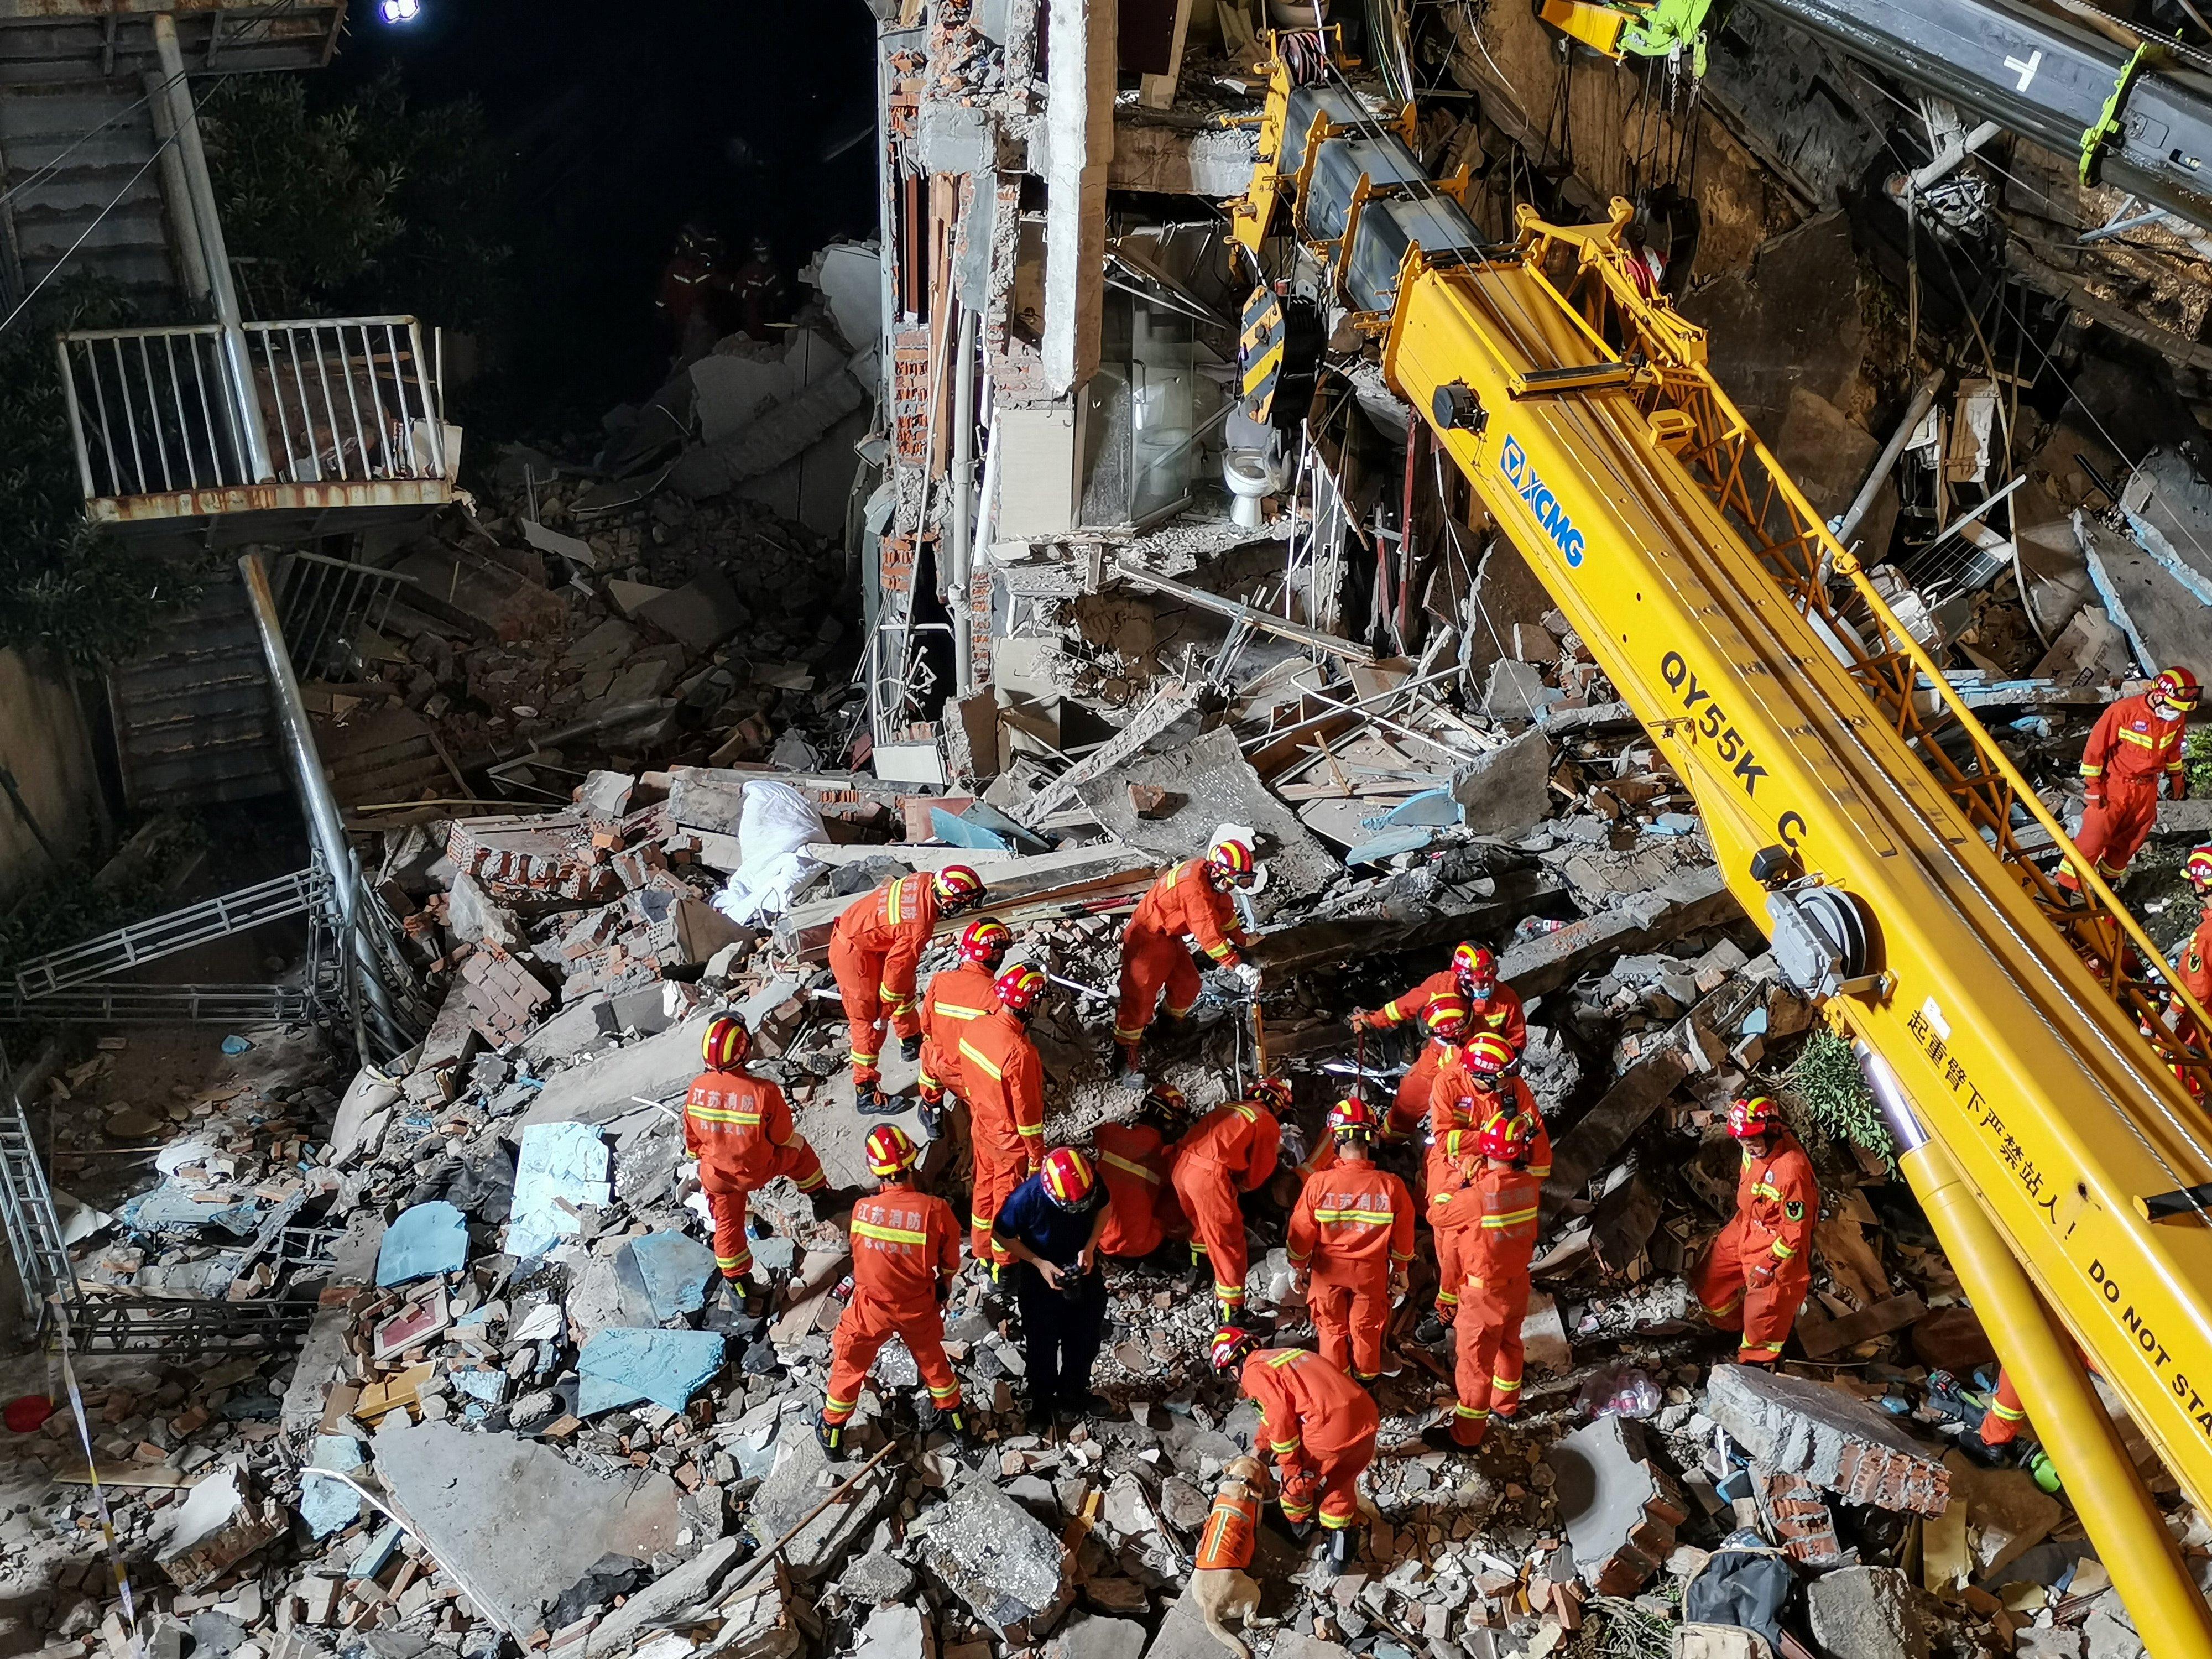 Mais de 500 bombeiros se deslocaram até o local do desastre para realizar as operações de resgate (Foto: CNS / AFP)